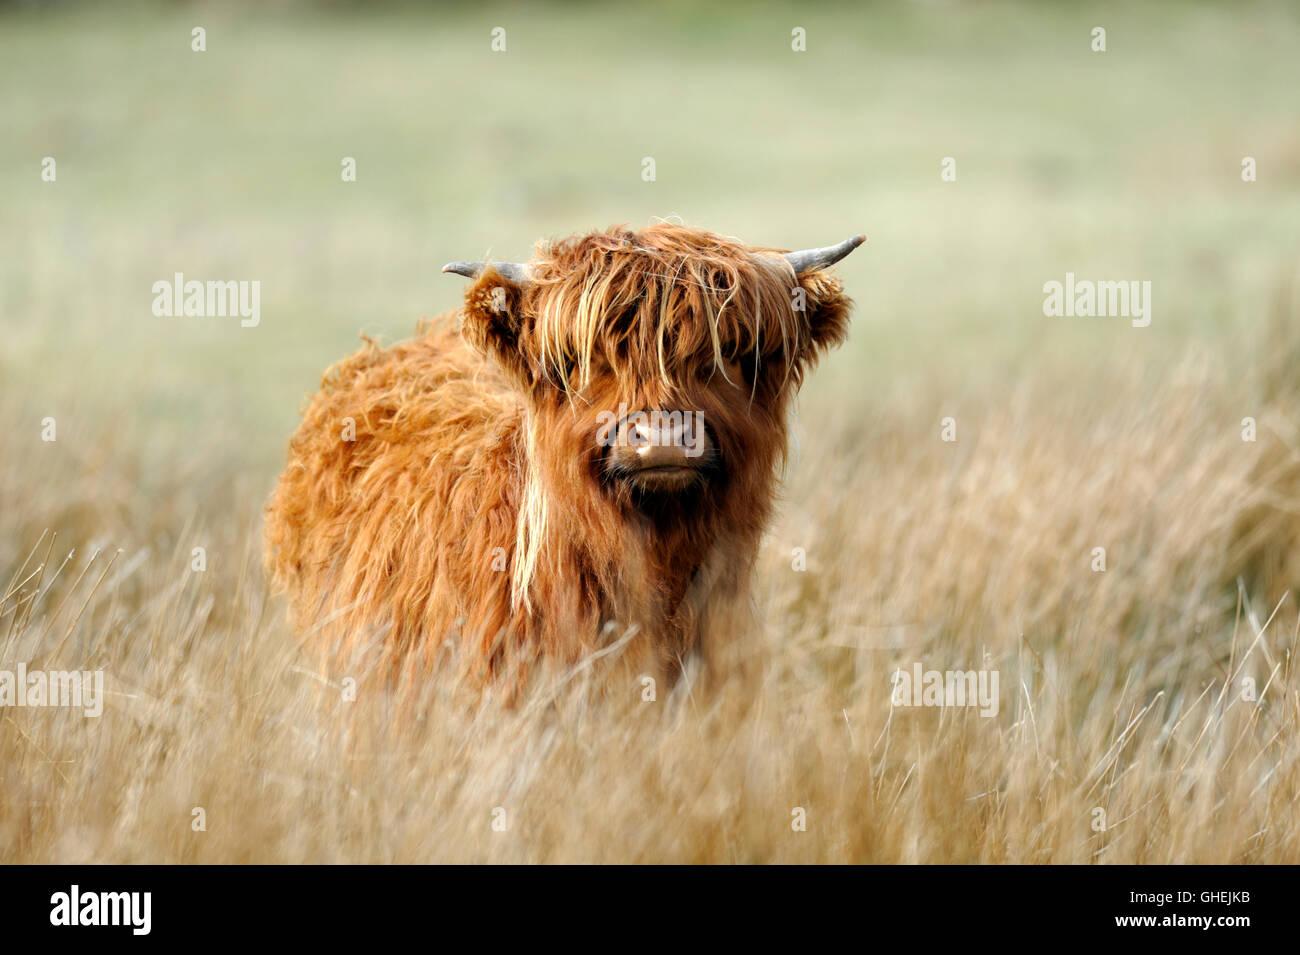 Highland Cow, Scotland, UK - Stock Image